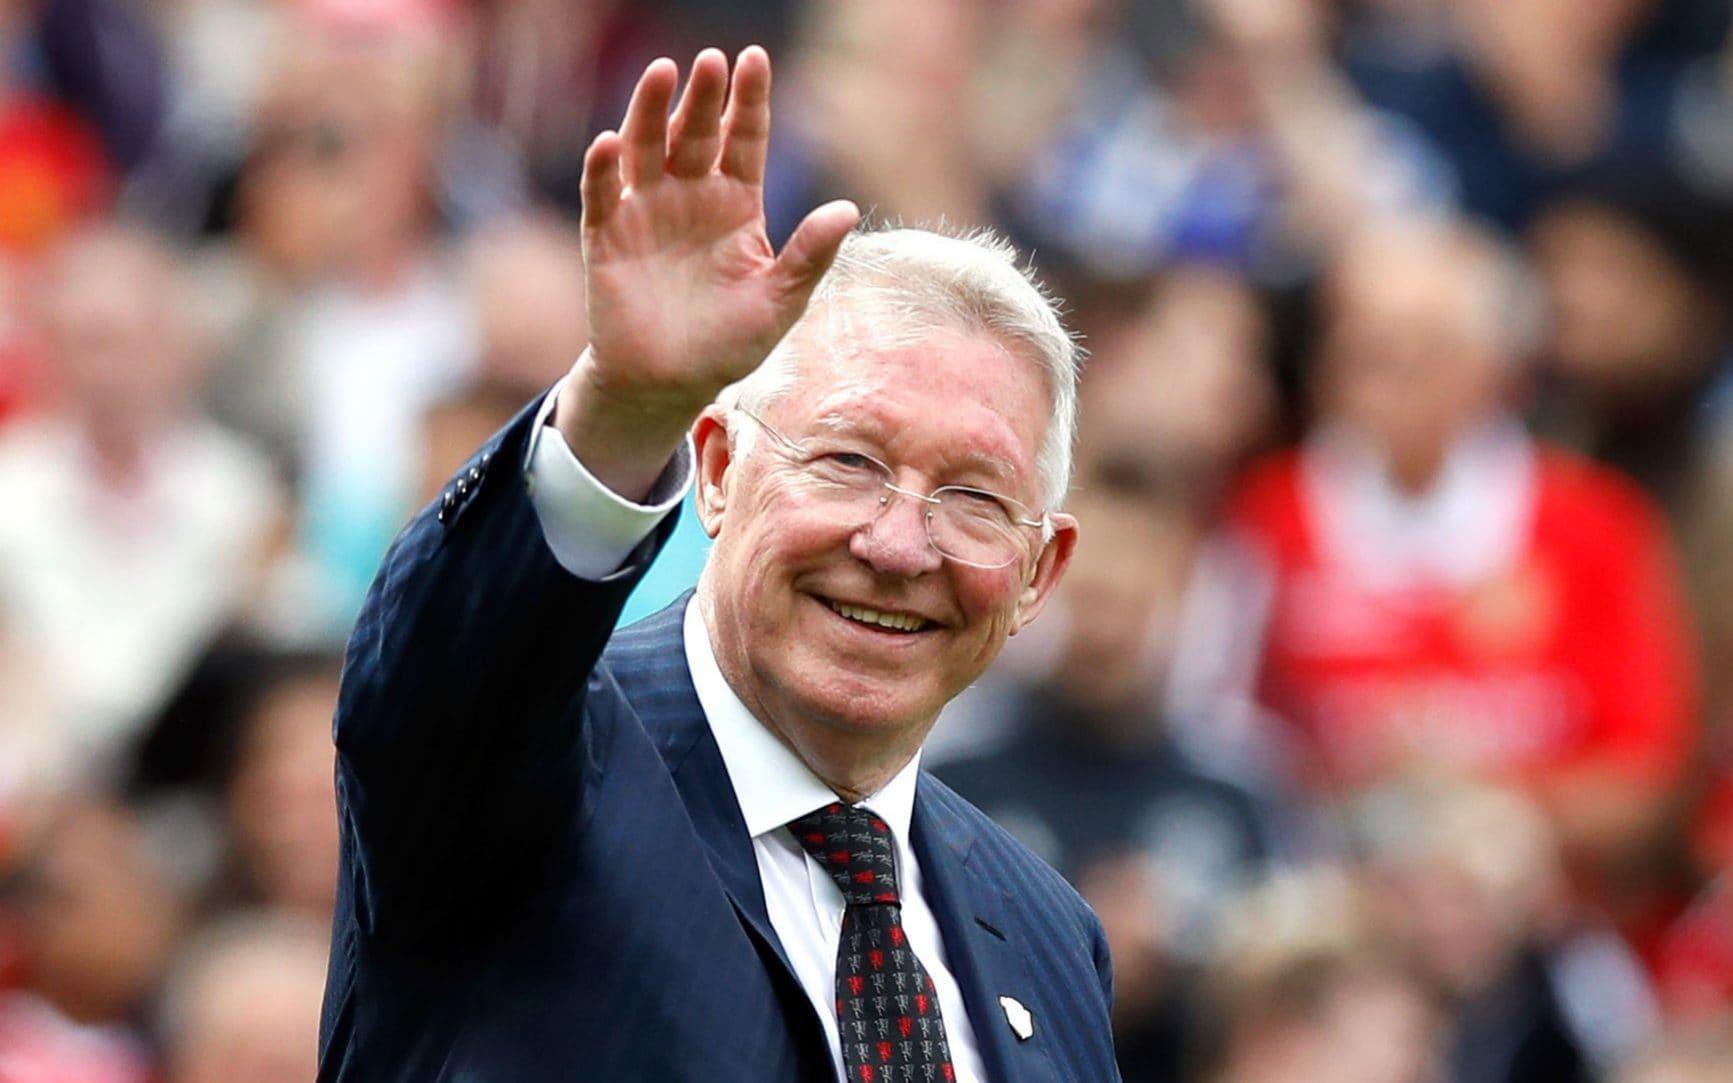 Nó đã được tiết lộ, Đây là Quy tắc chuyển nhượng của Manchester United trong kỷ nguyên Sir Alex Ferguson